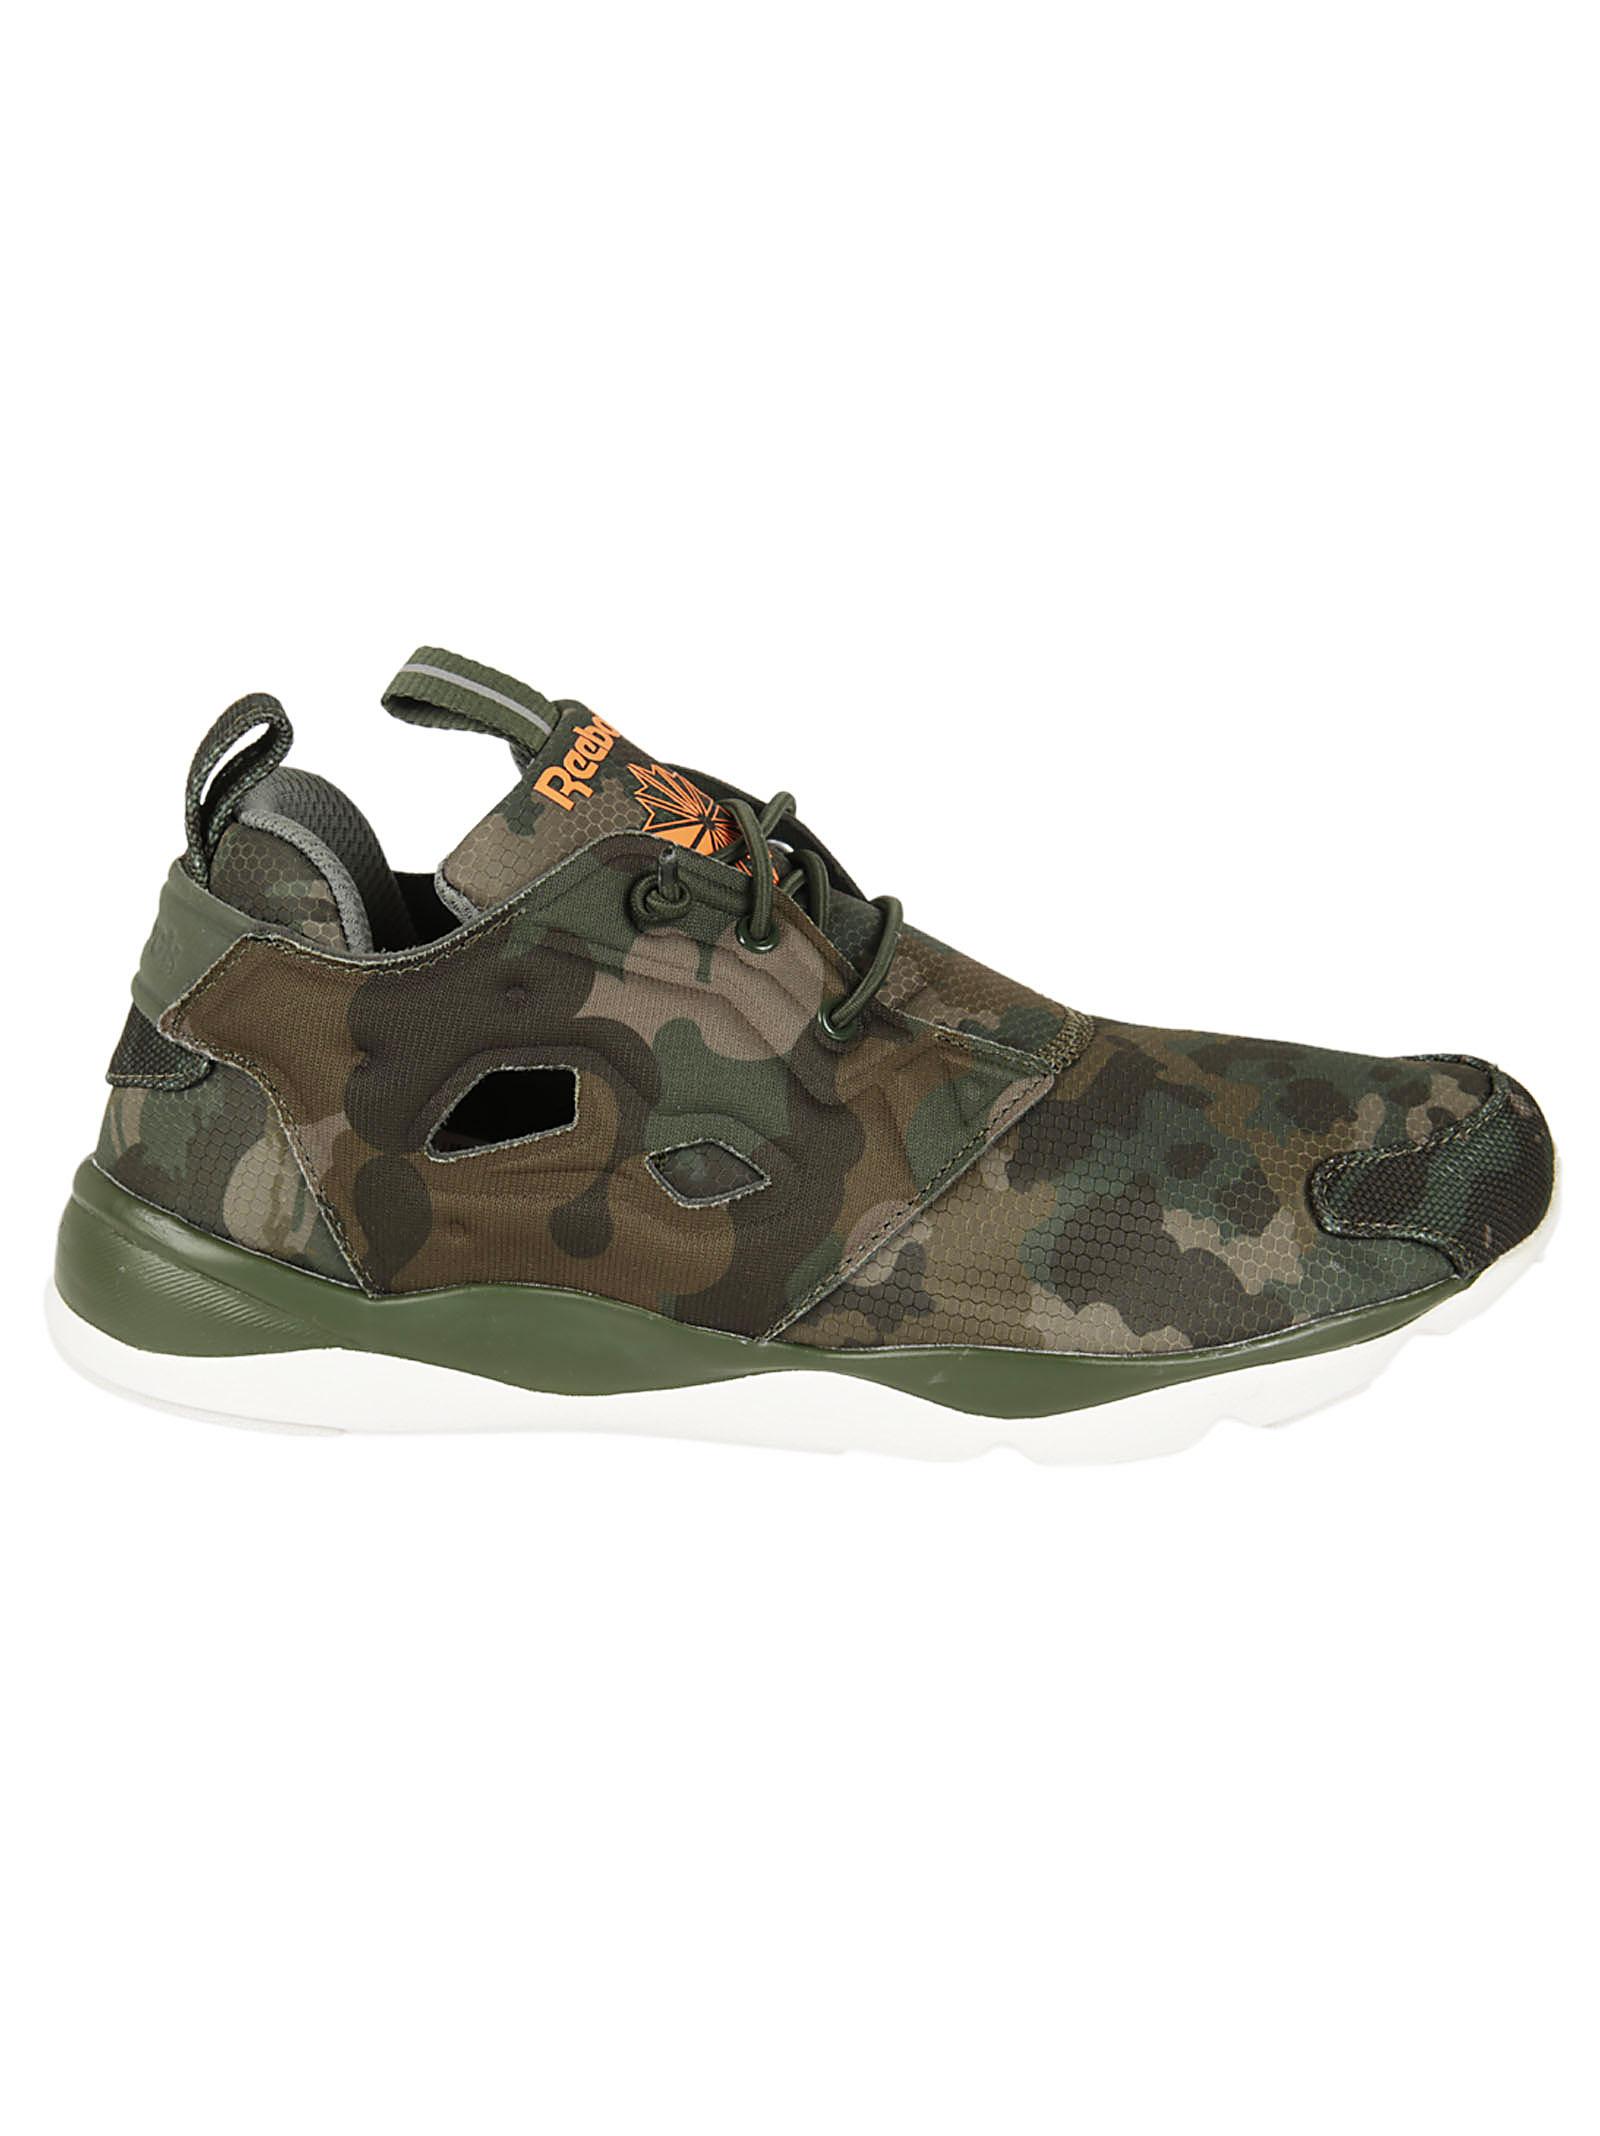 Reebok Reebok Furylite CC Sneakers